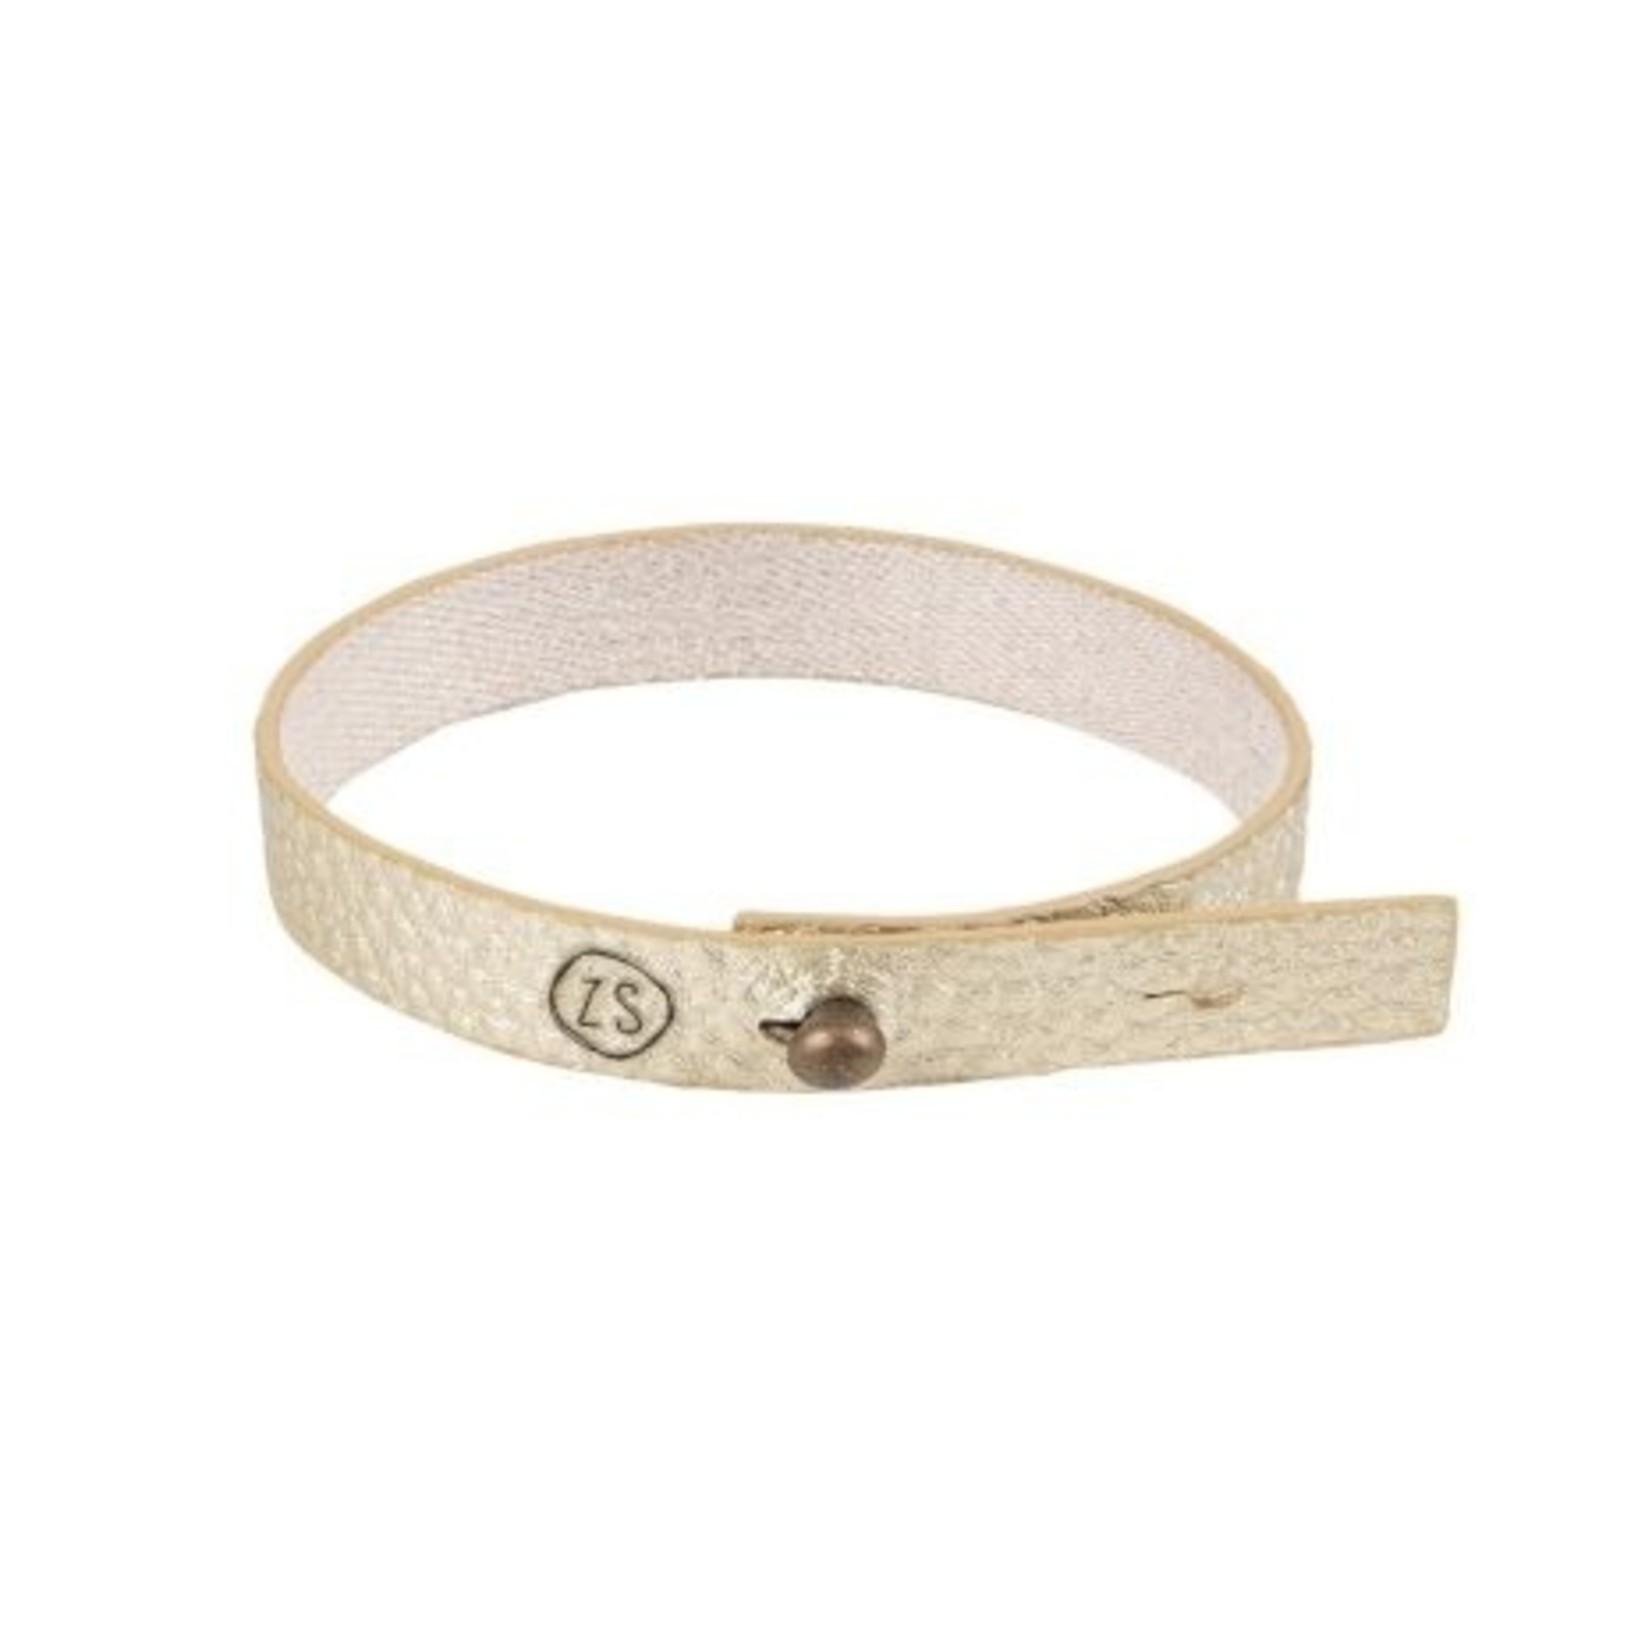 Feestelijk armbandje - Rosé - Zusss